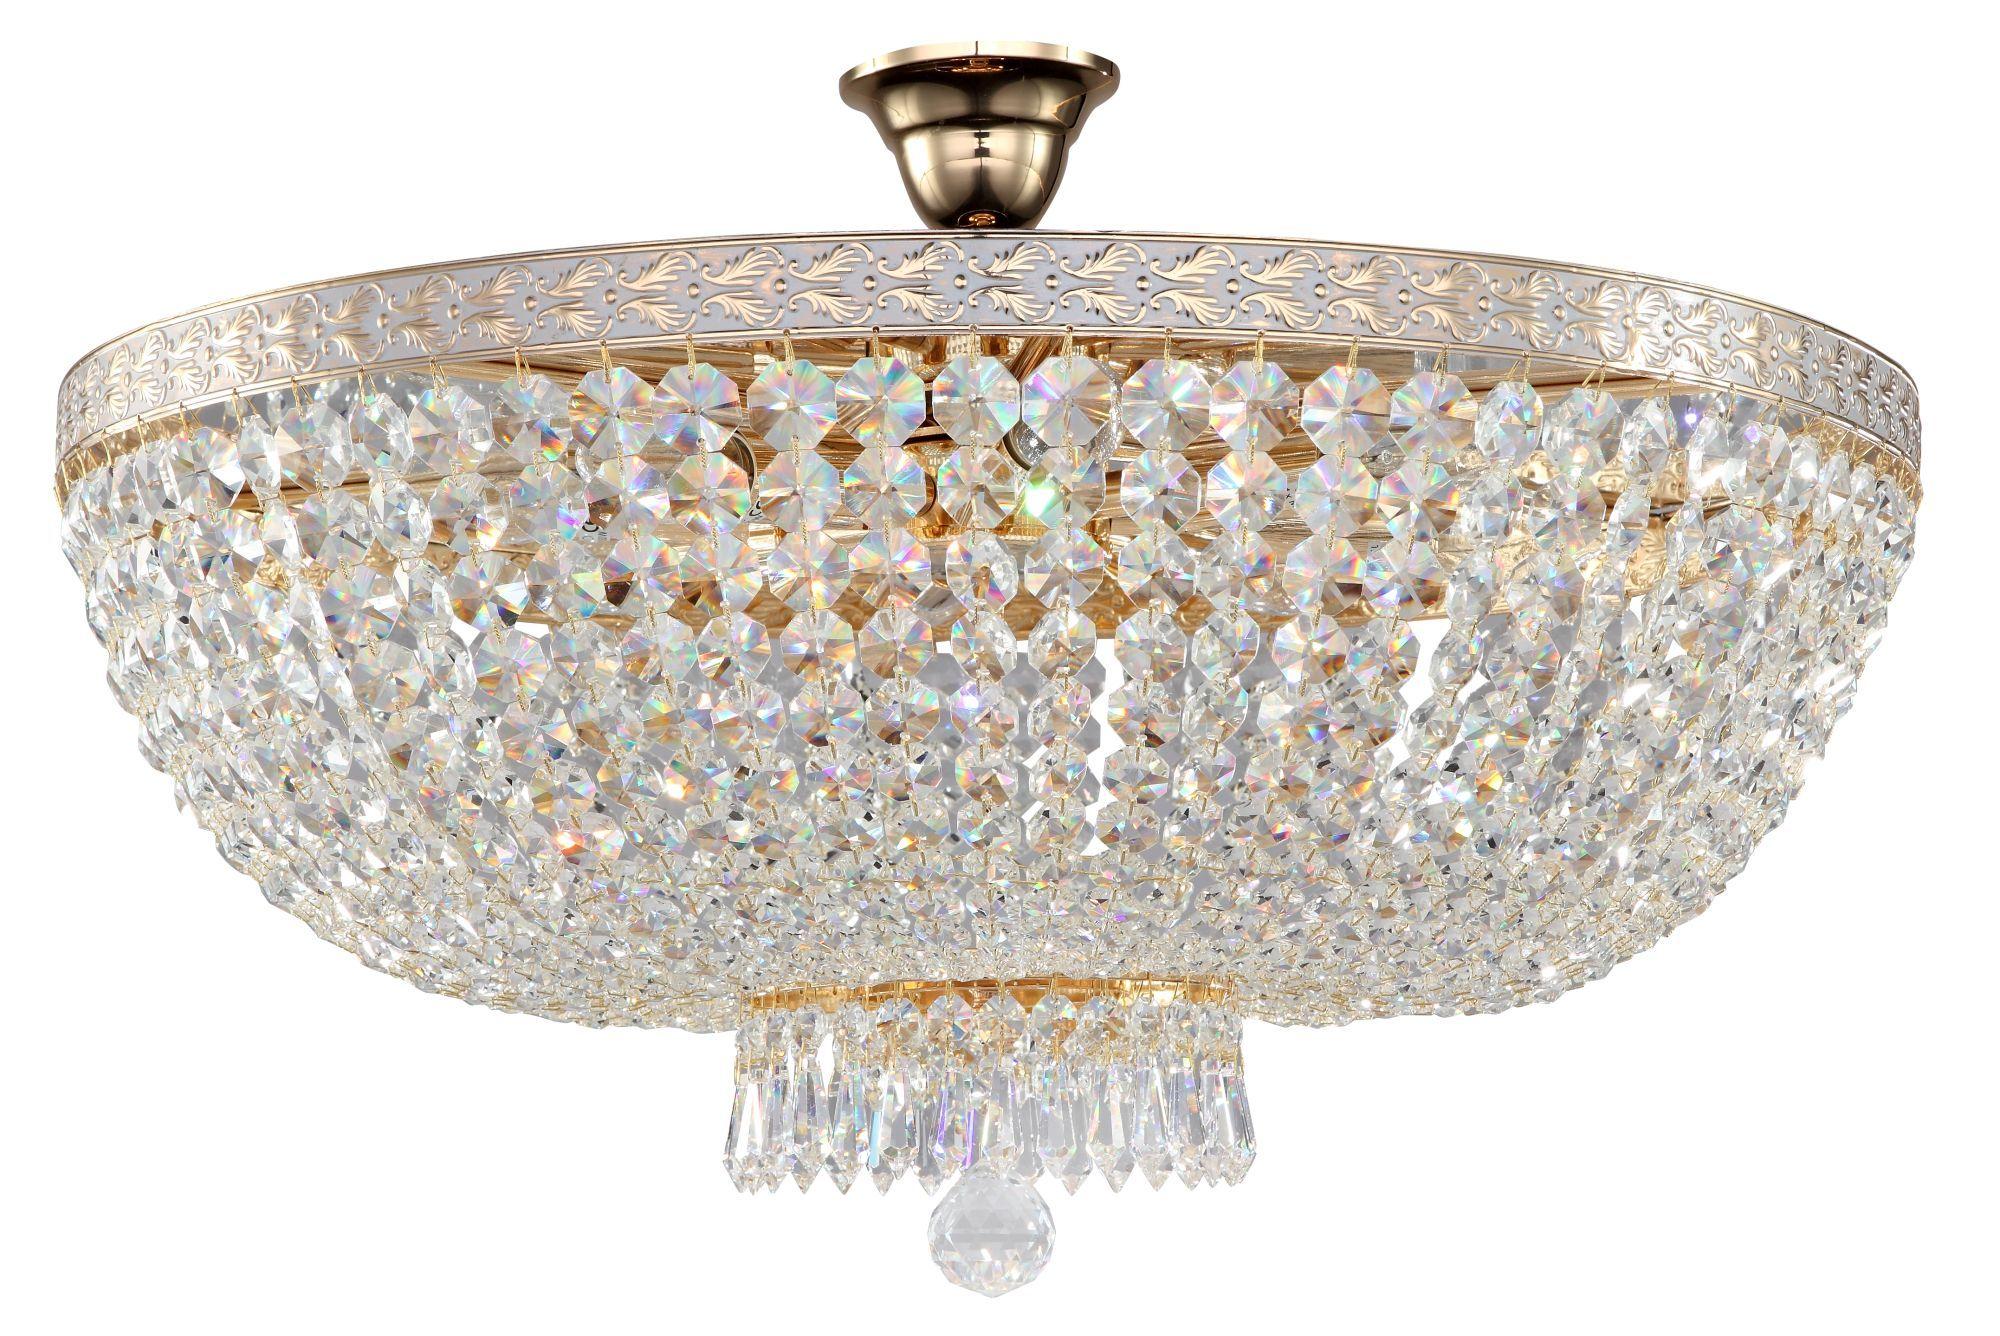 Потолочная люстра Maytoni Bella DIA750-PT60-WG, 8xE14x60W, золото, прозрачный, металл, хрусталь - фото 1